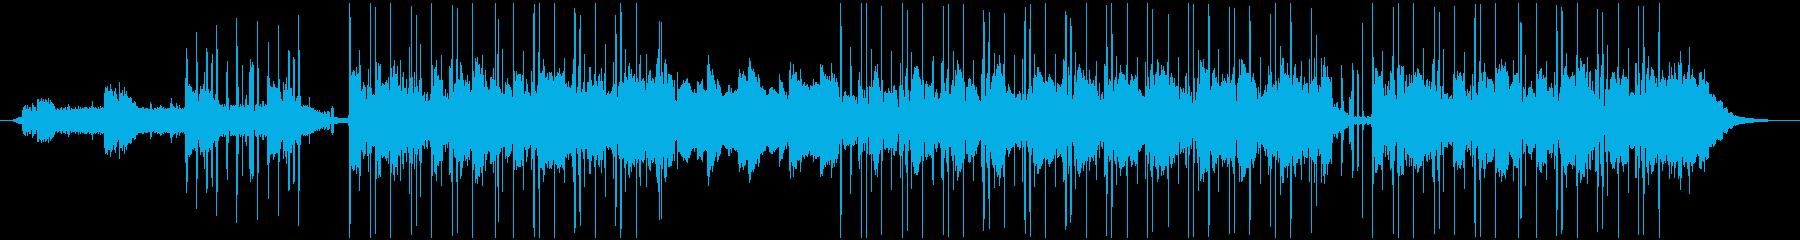 ゆったりとした、スモーキーなチルホップの再生済みの波形